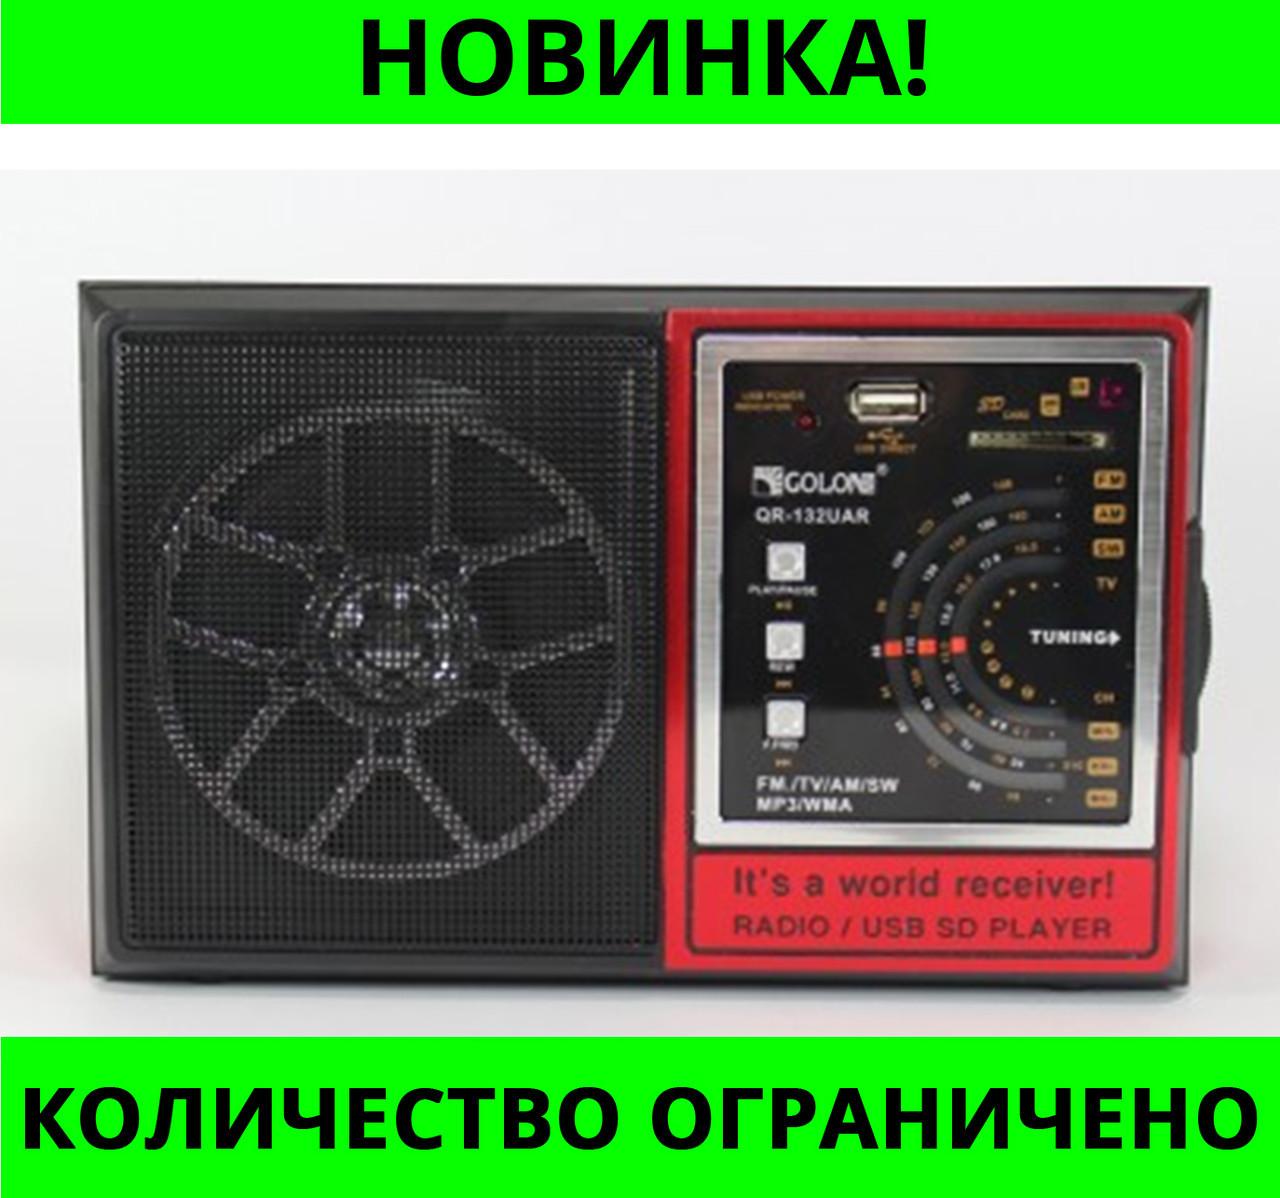 Радиоприёмник Golon QR-132 UAR!Розница и Опт